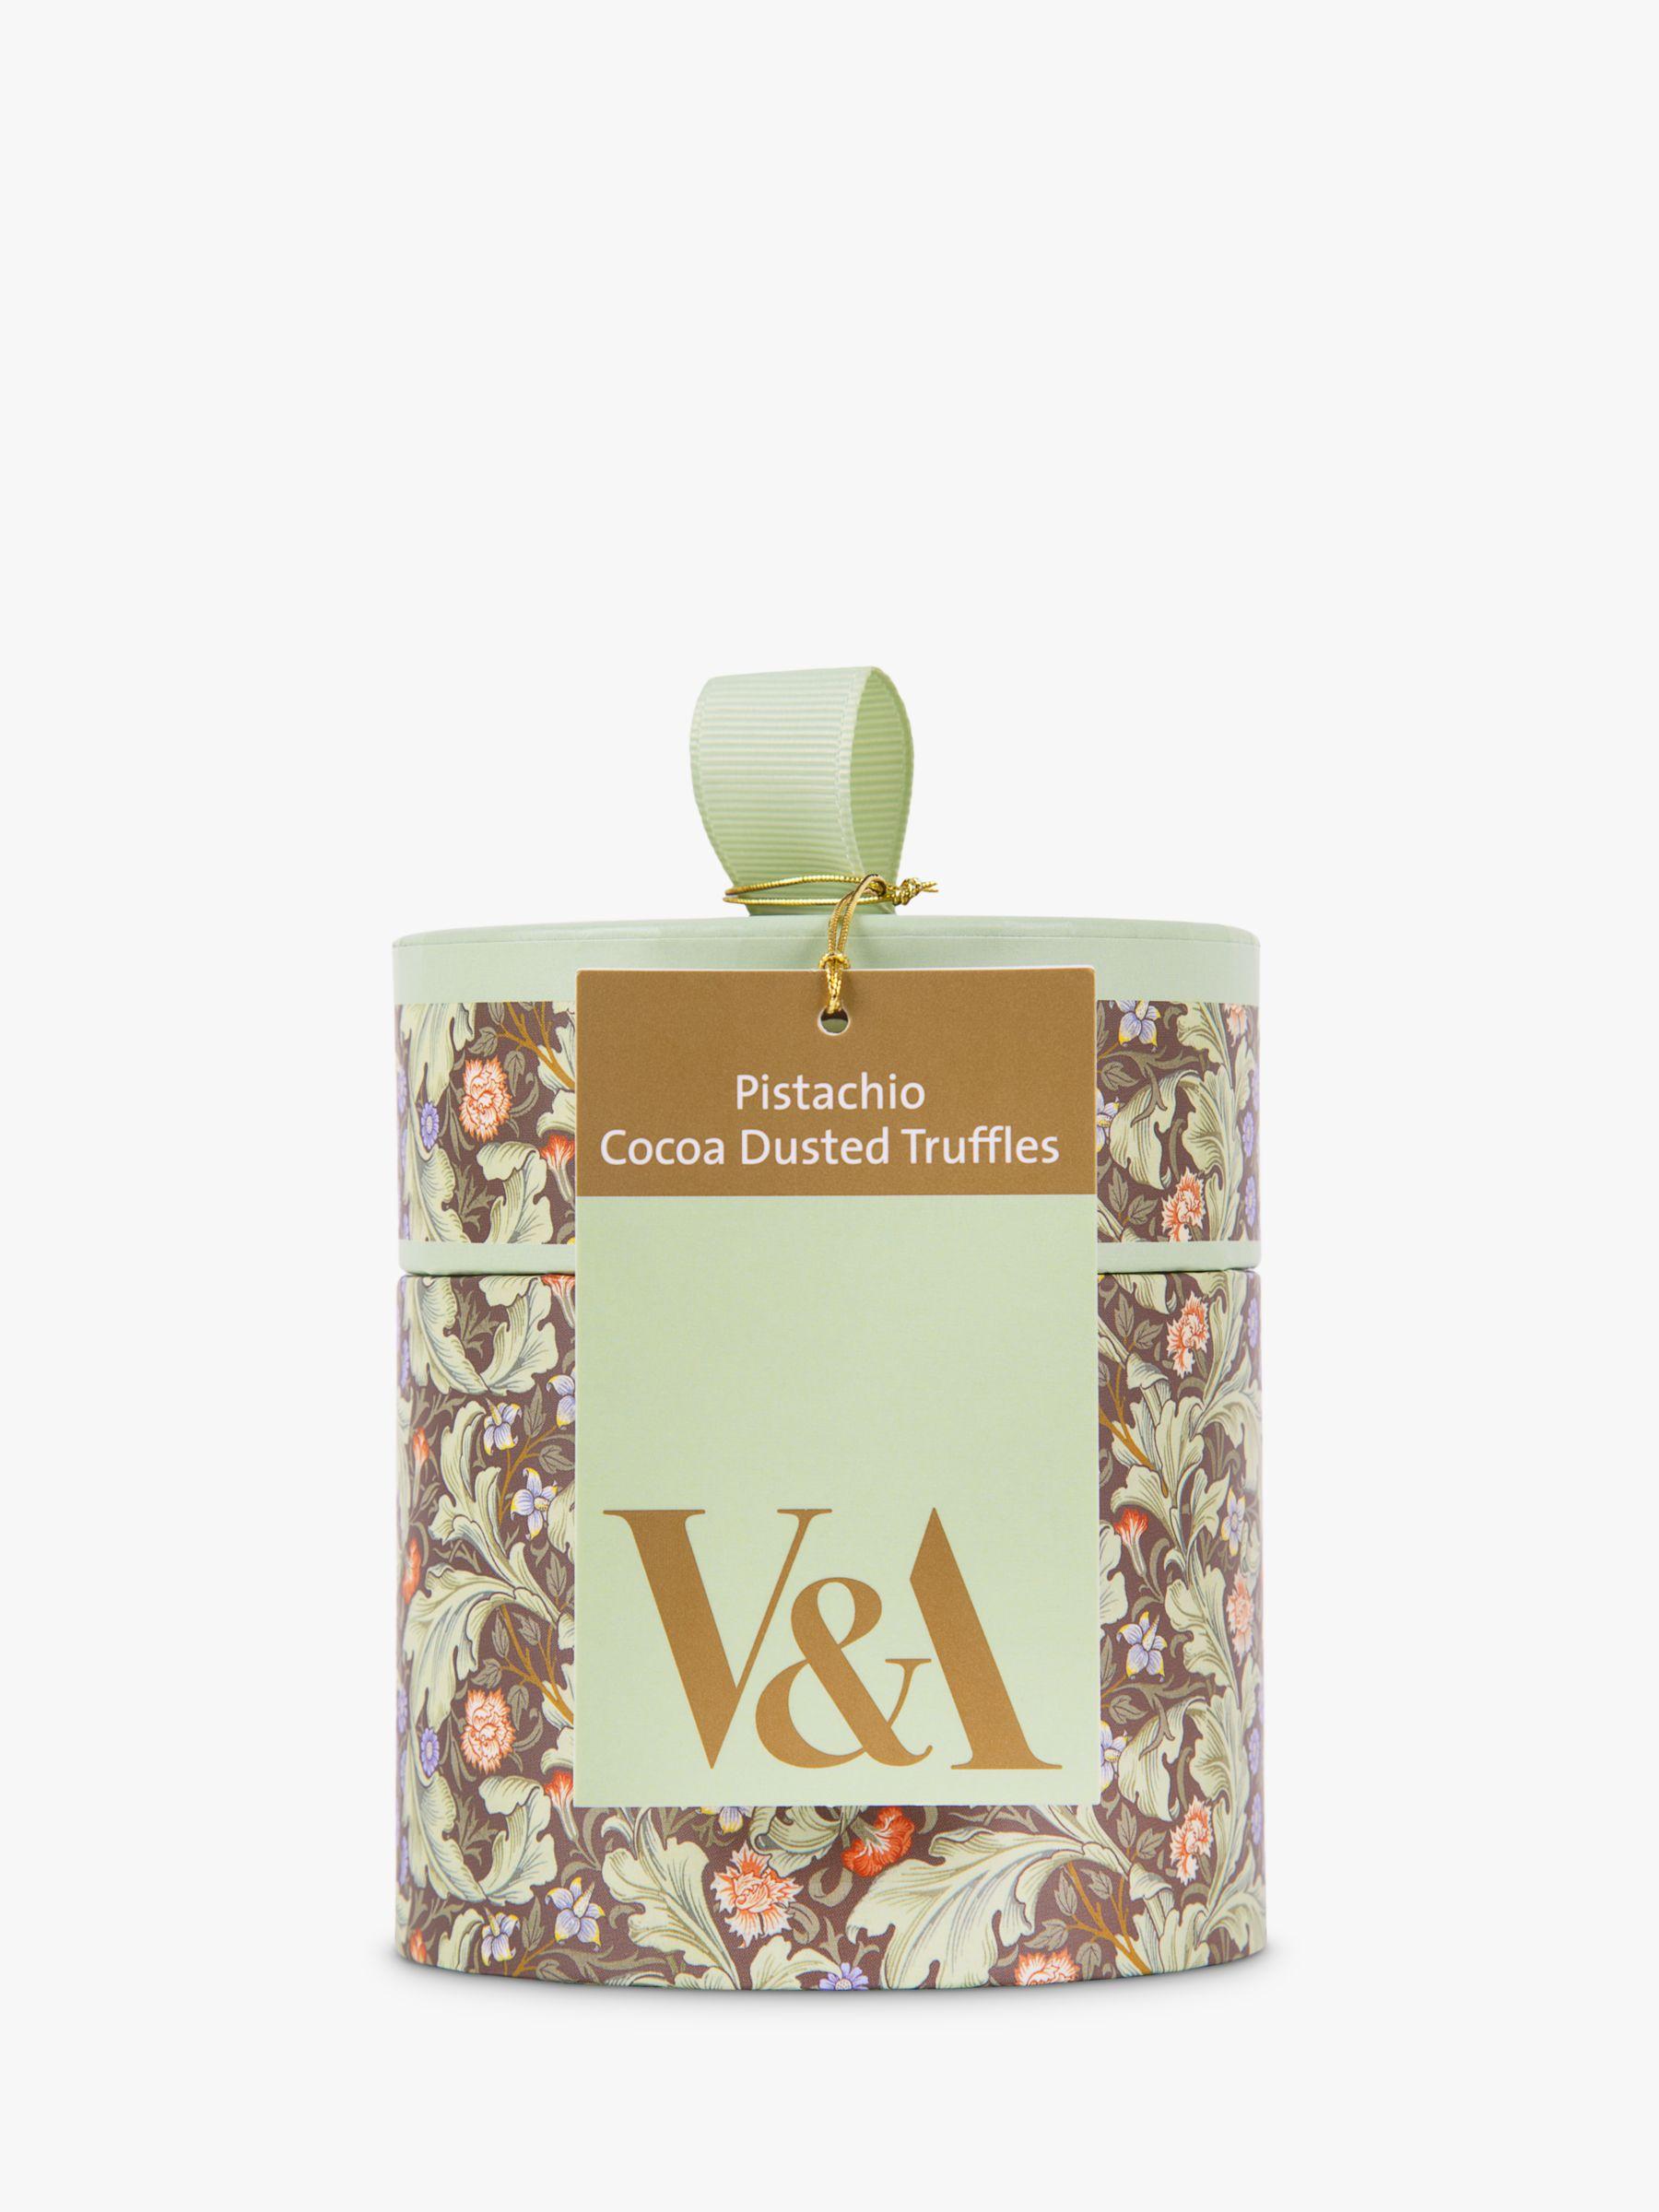 V&A V&A Pistachio Truffles, 100g